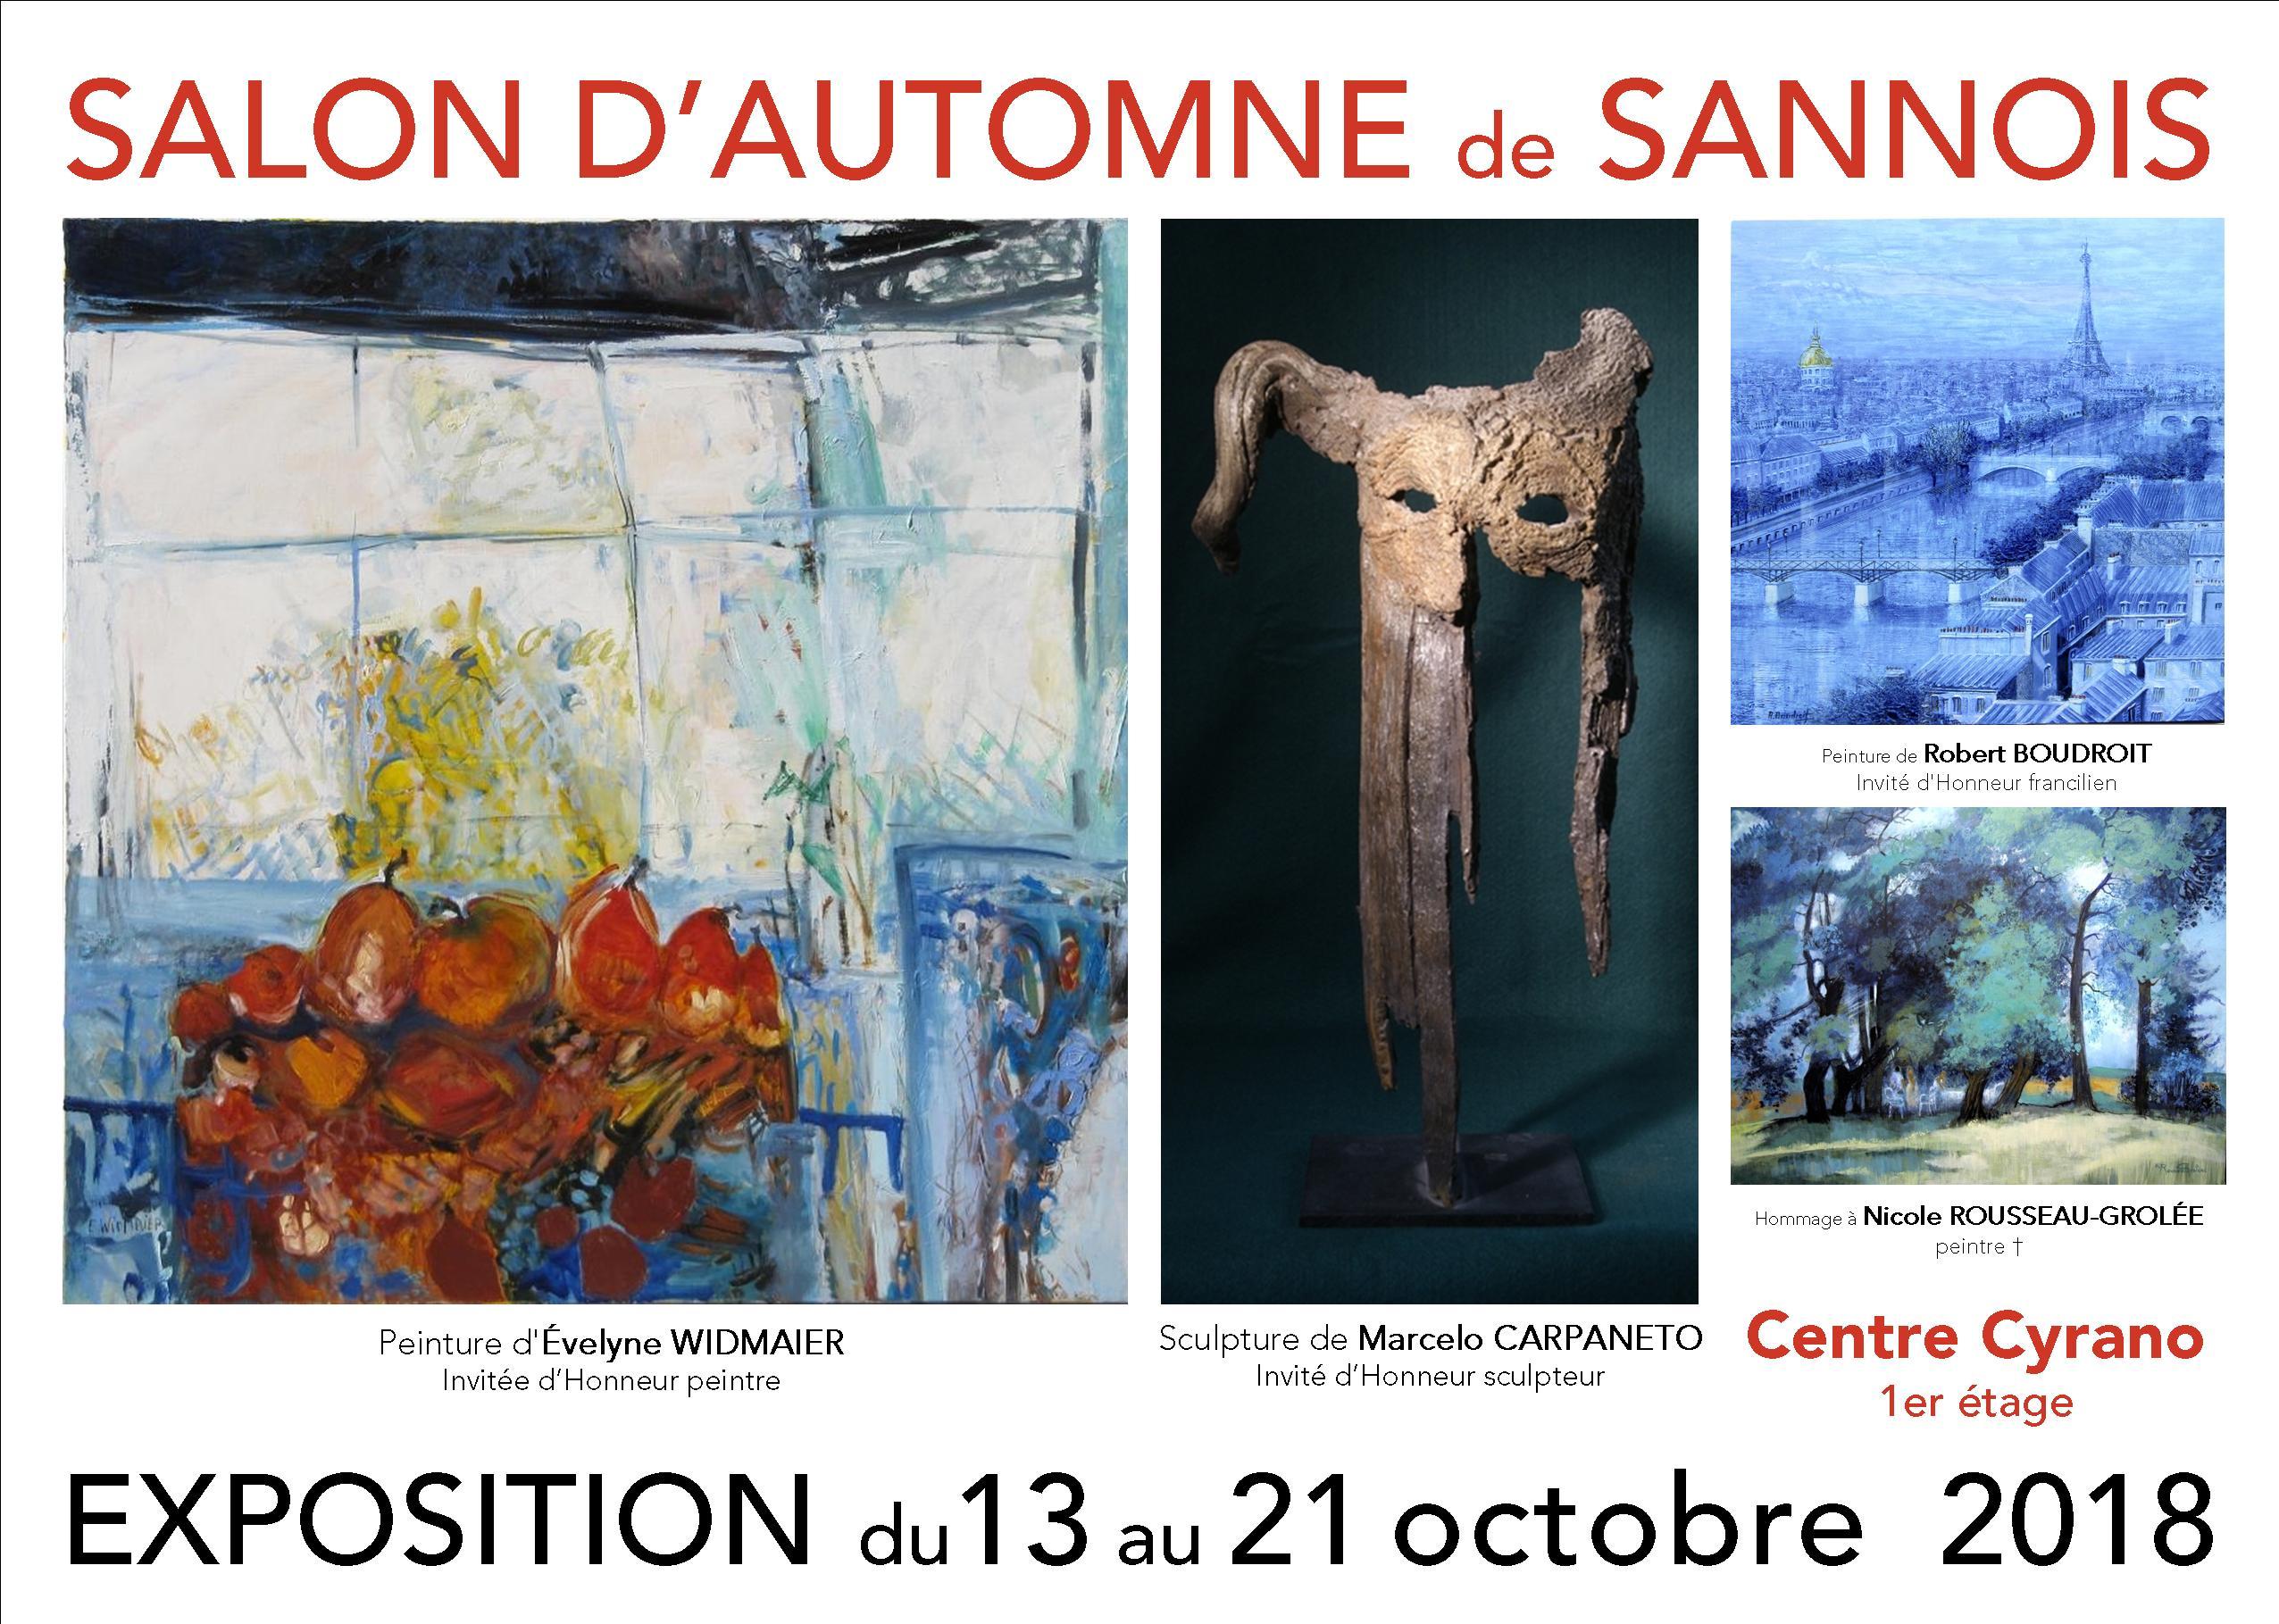 Salon d'automne de Sannois 2018